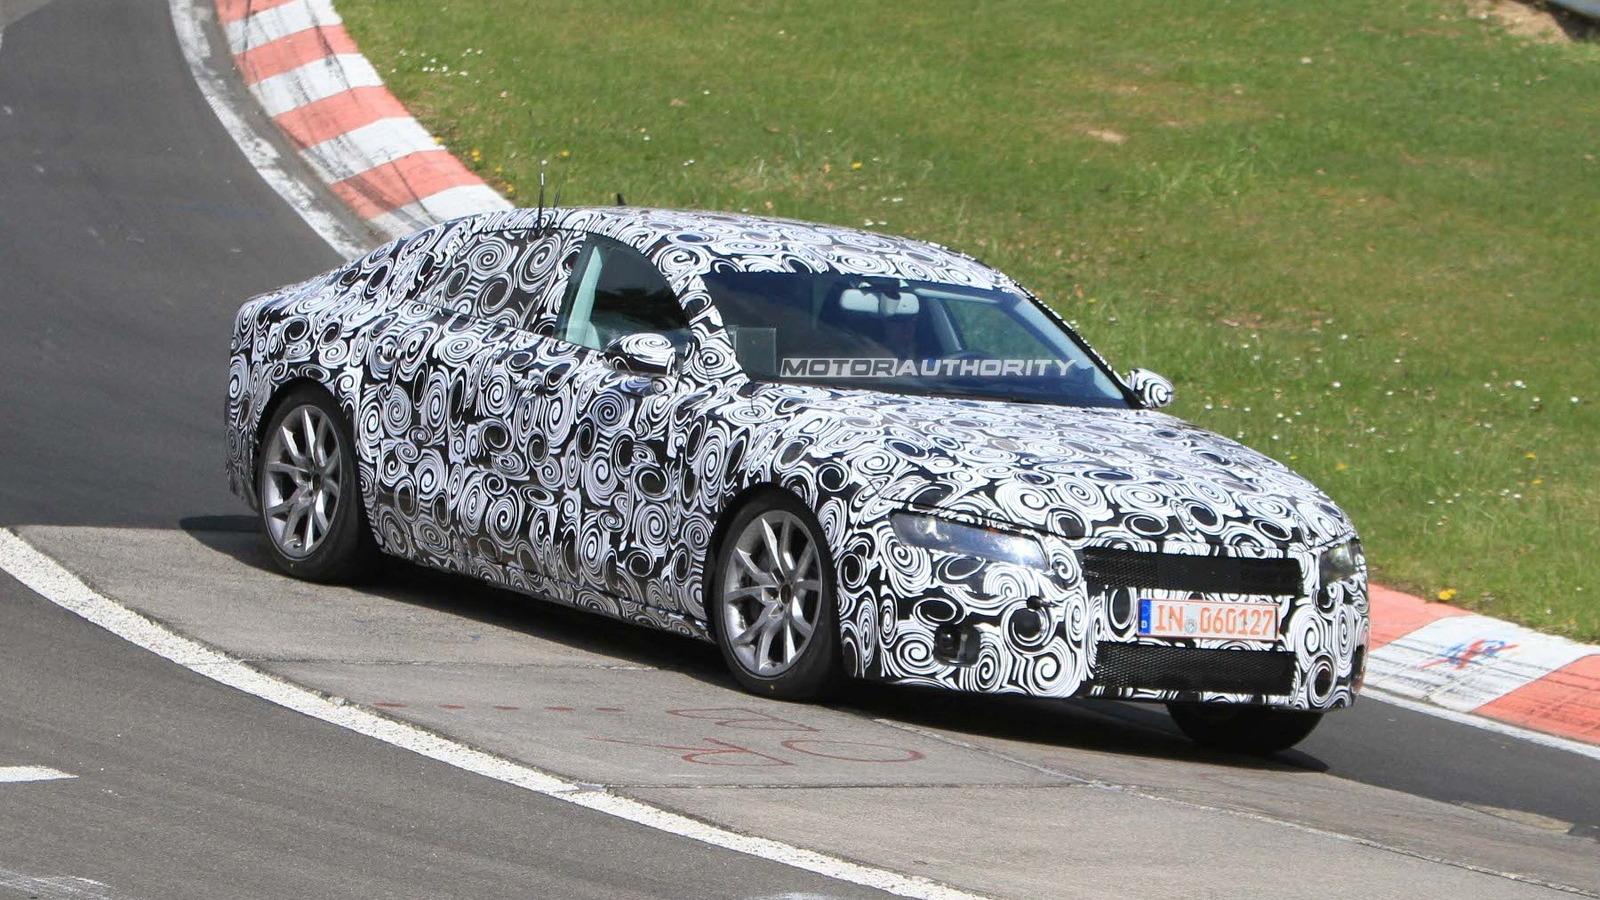 2011 Audi A7 spy shots